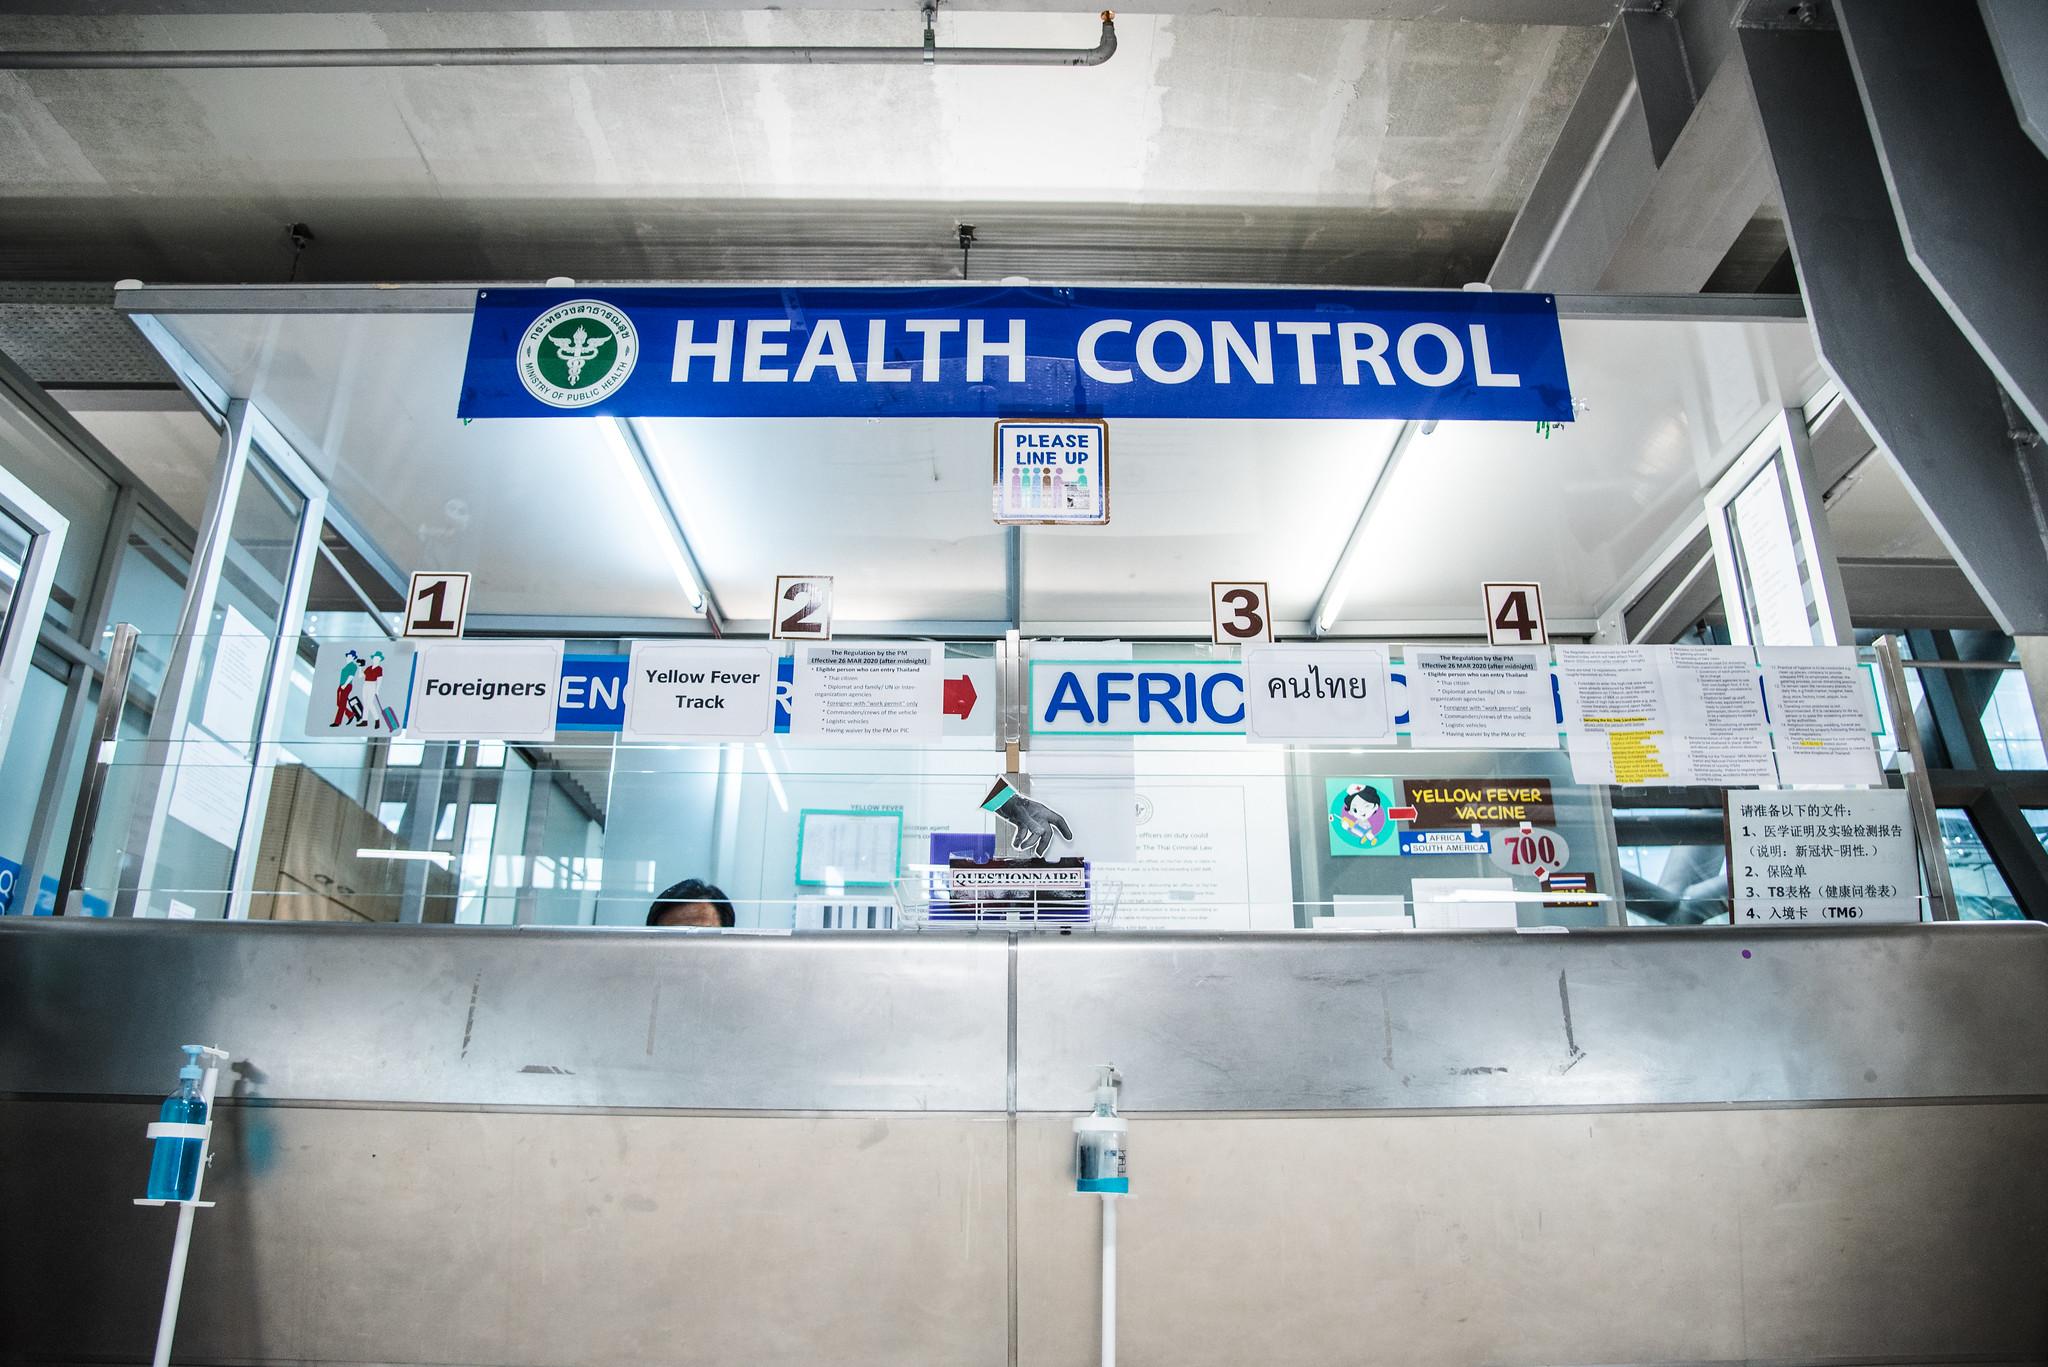 จุดคัดกรองโรคที่สนามบินนานาชาติสุวรรณภูมิกรุงเทพฯ